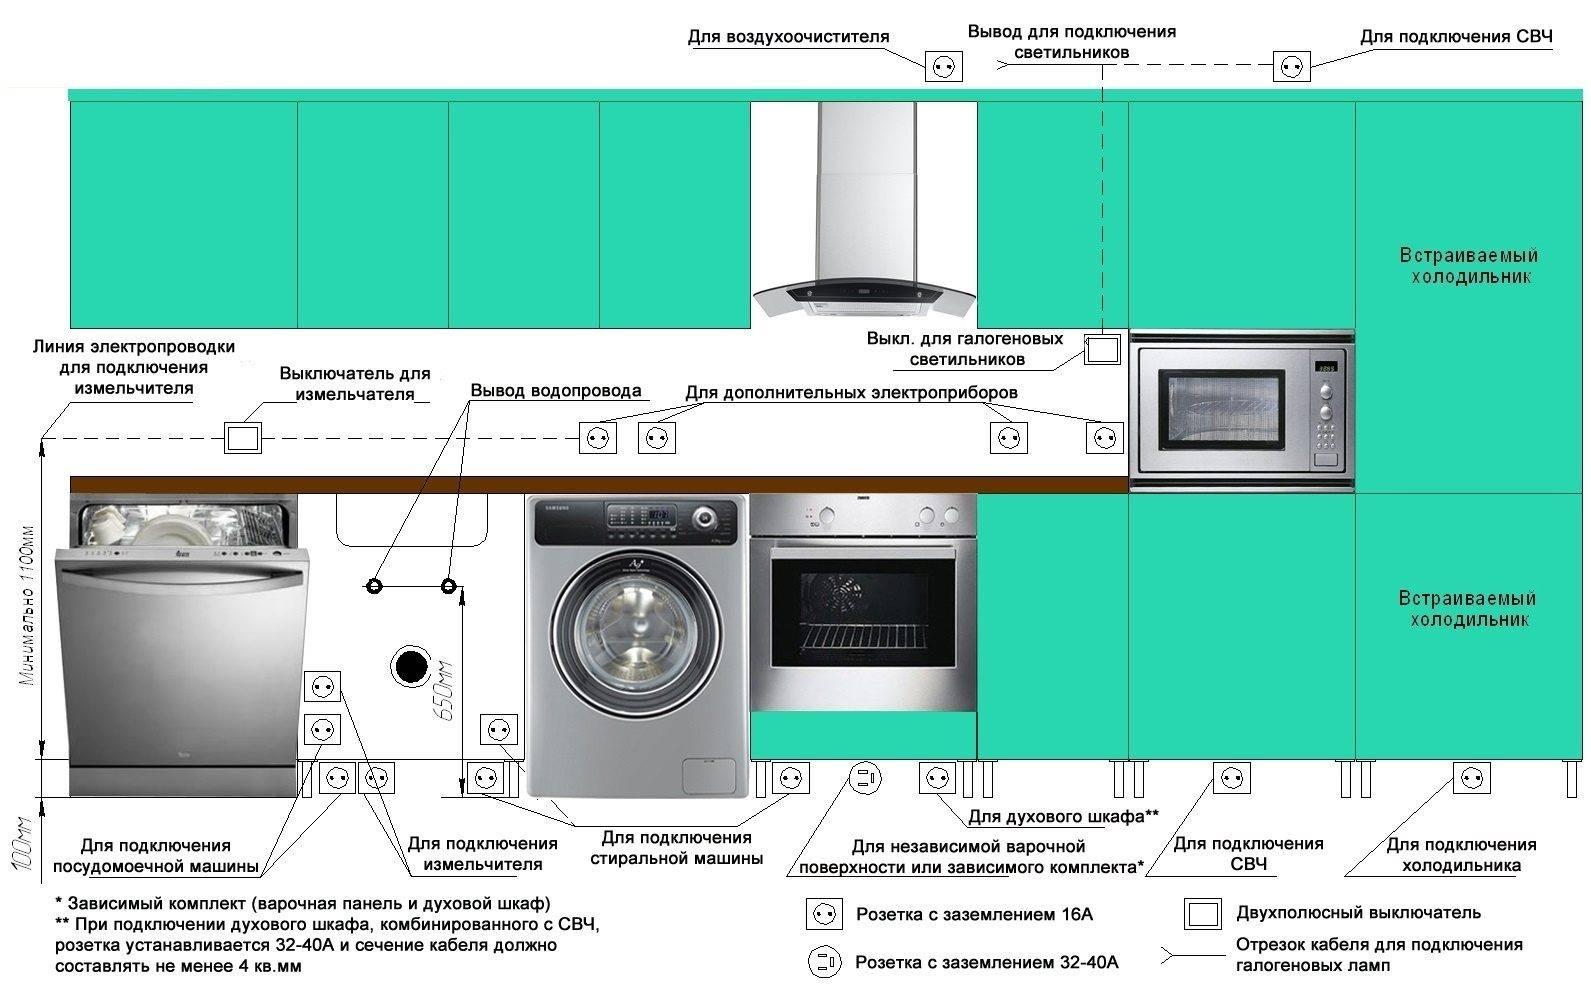 Проводка на кухне своими руками — как рассчитать, выбрать и сделать?